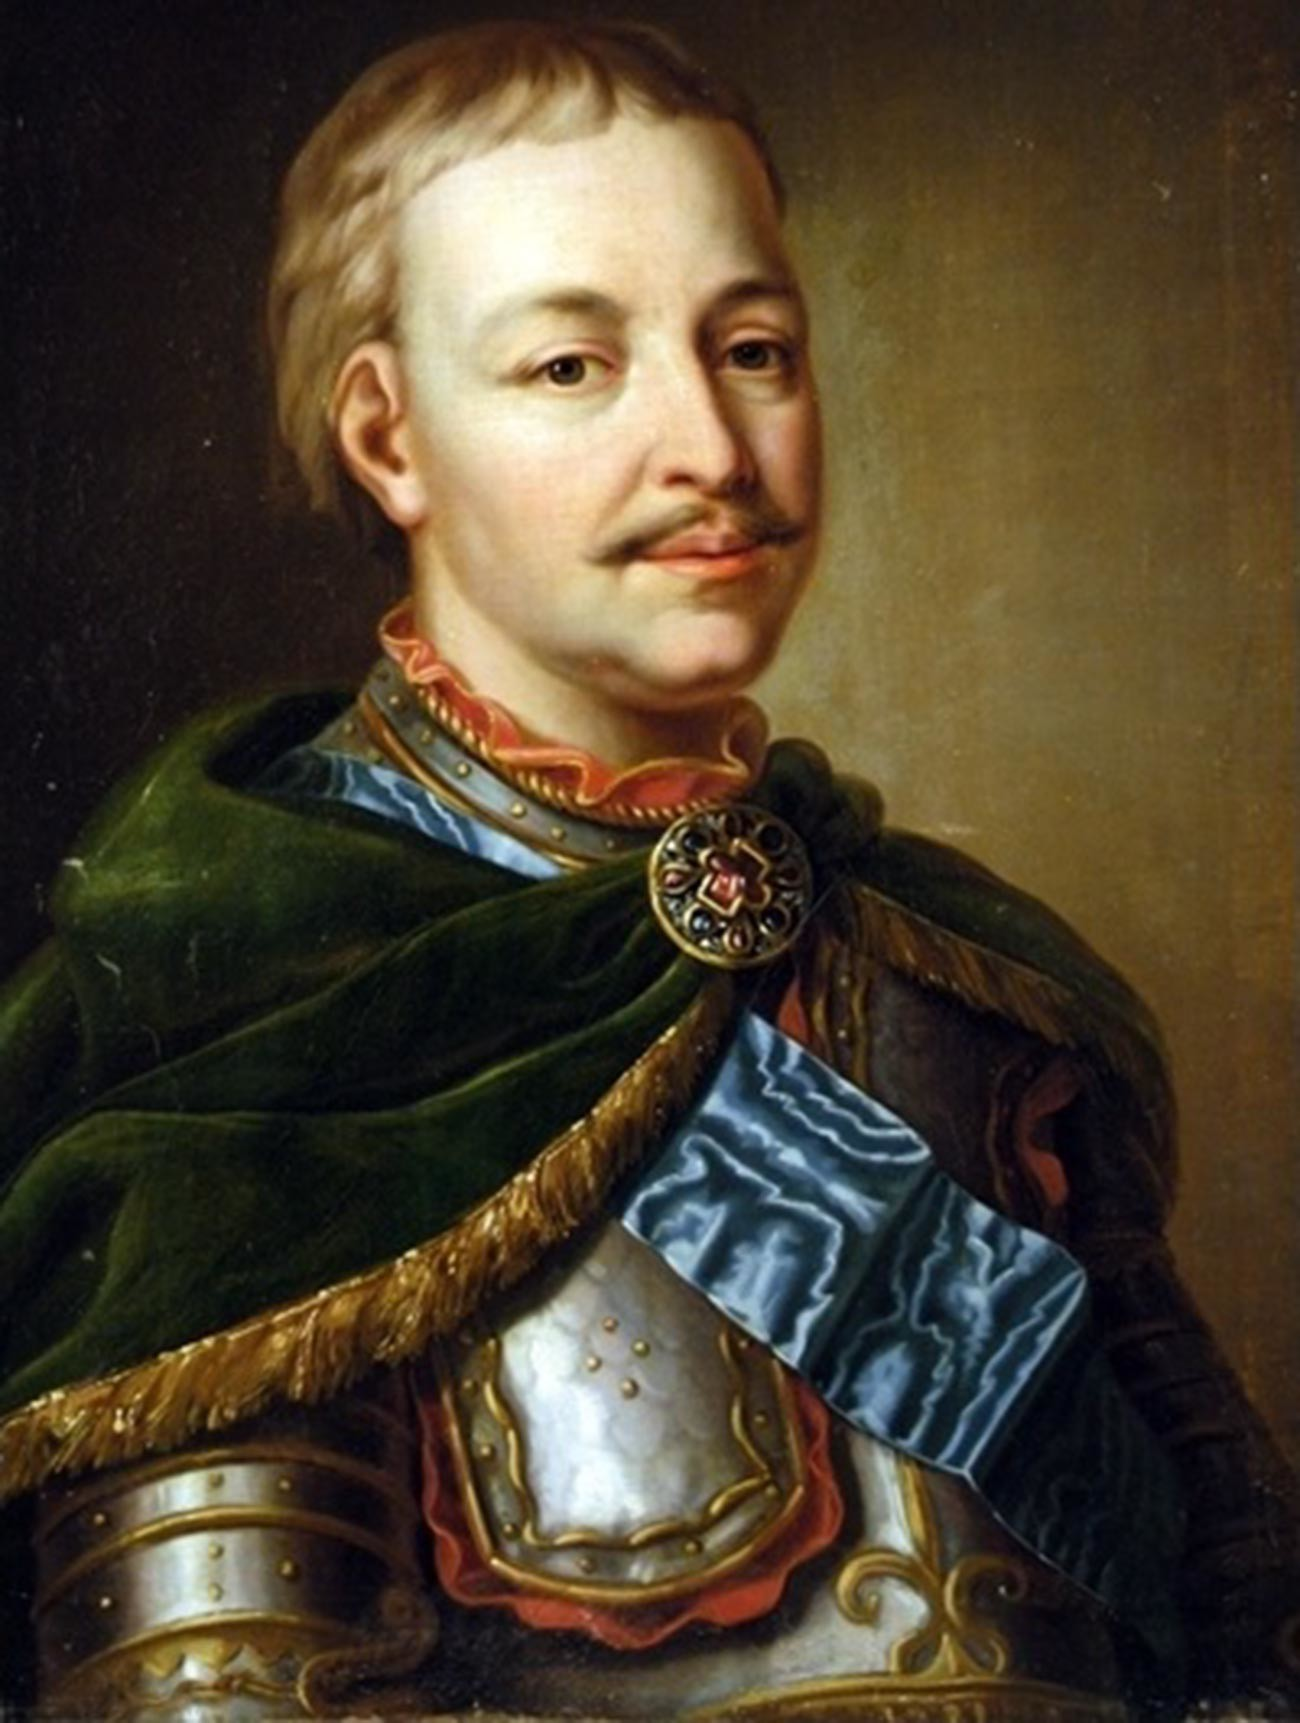 Ivan Mazepa avec son insigne de l'Ordre de Saint-André